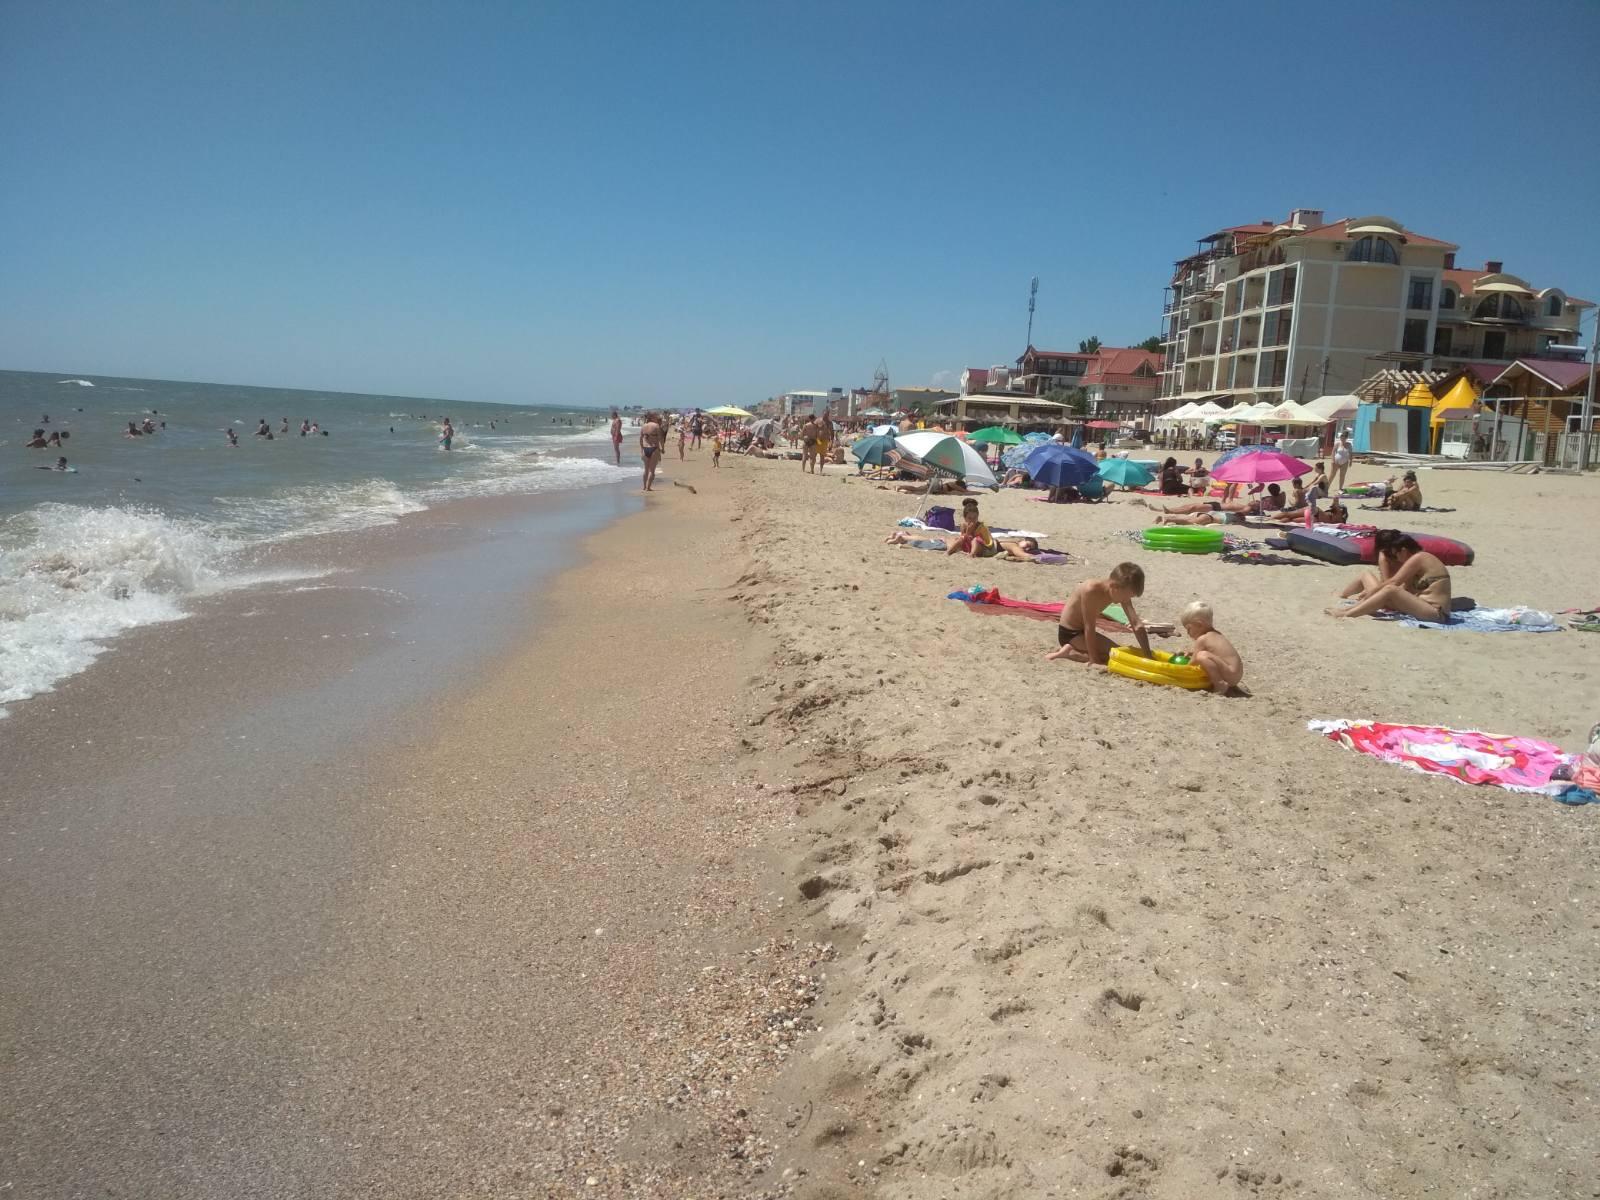 Затока центральний пляж море лето отдых фото